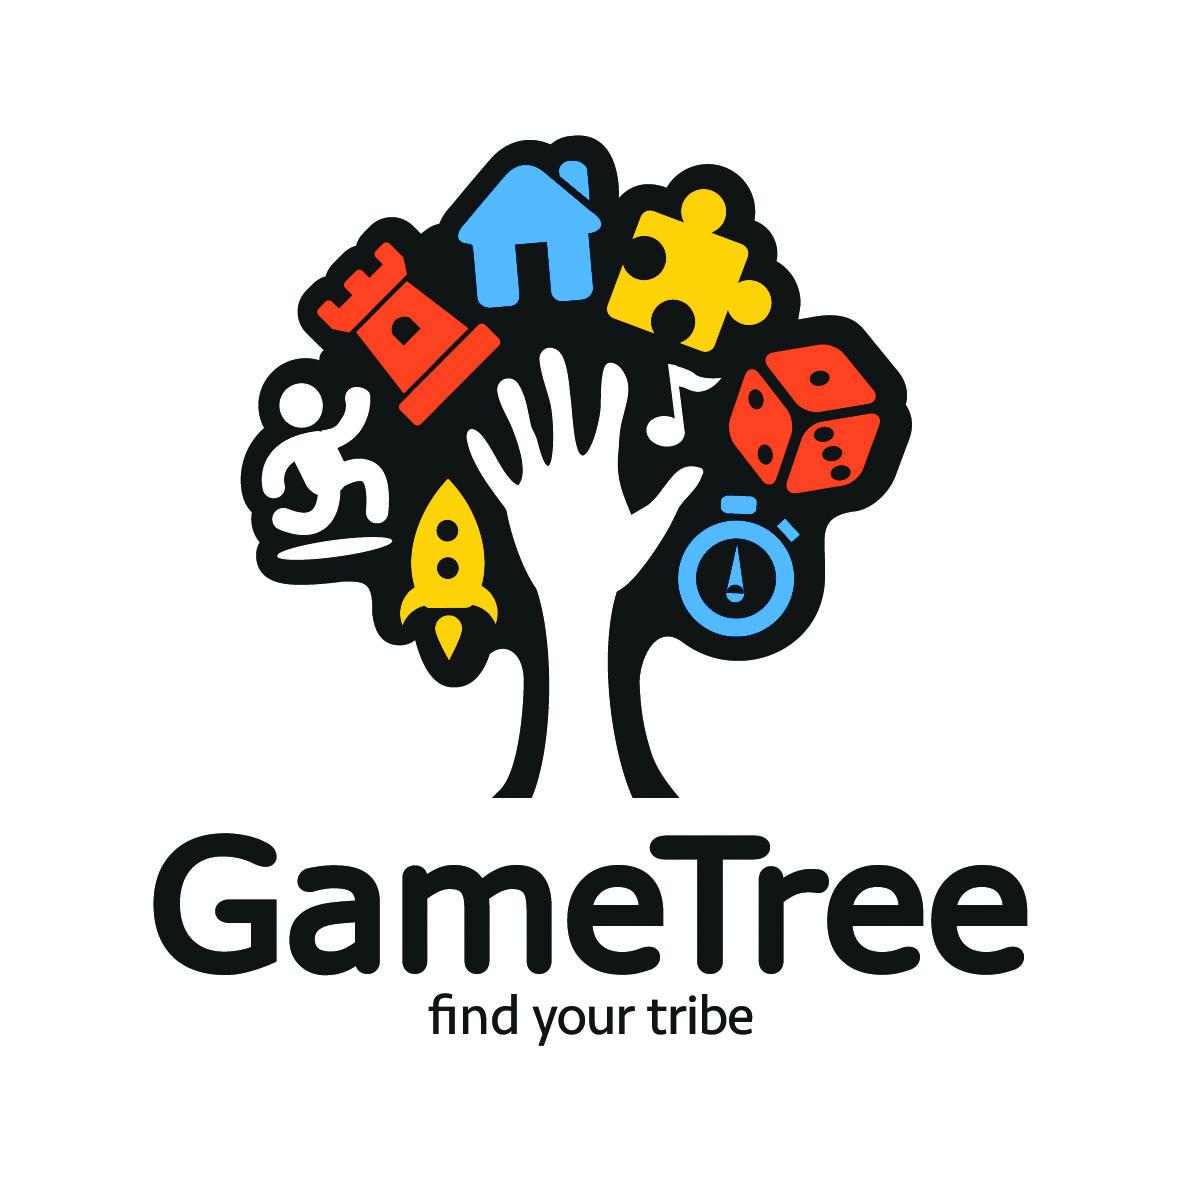 GameTree